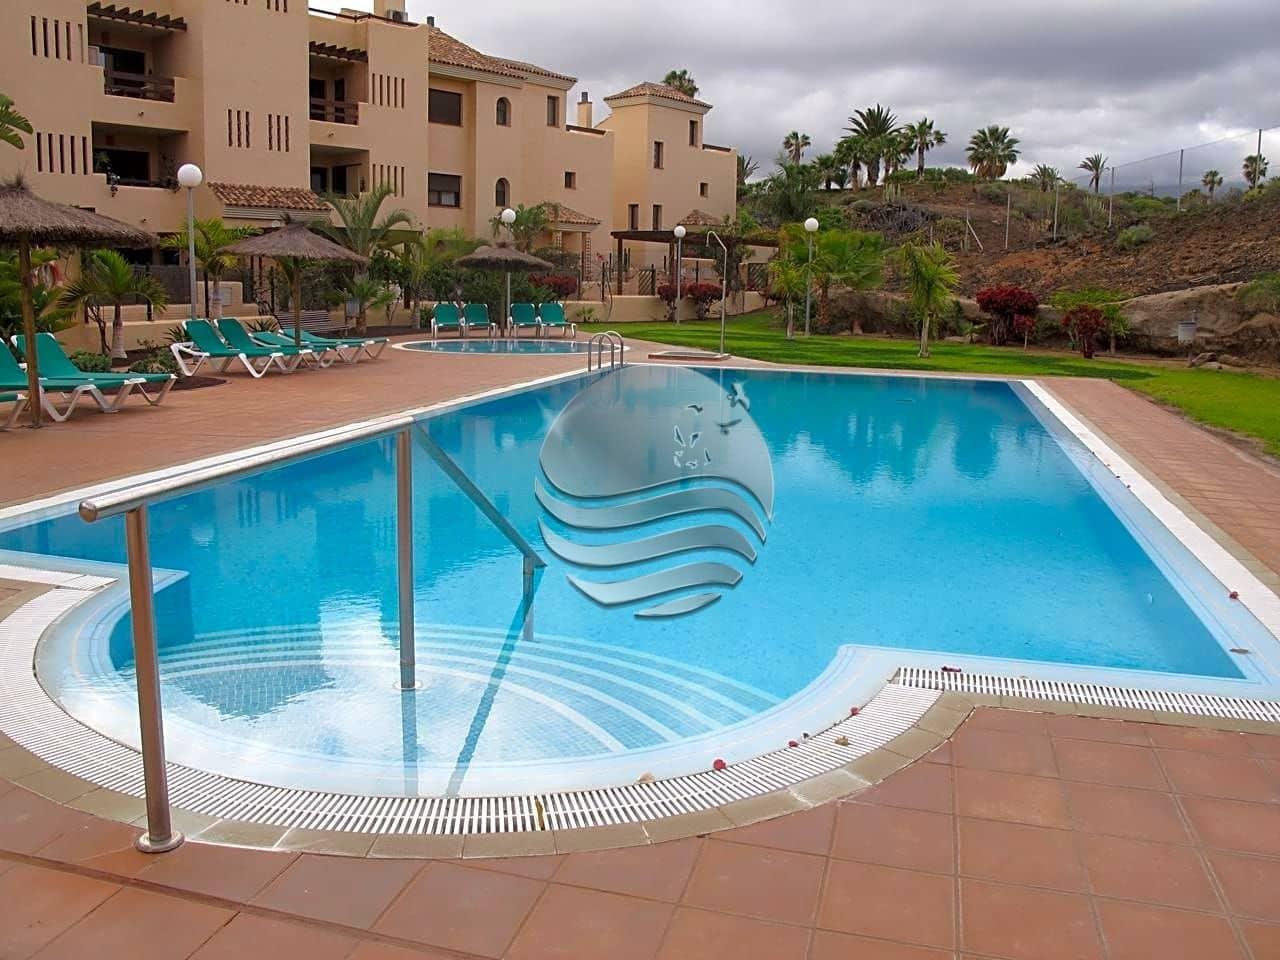 Chalet de 3 habitaciones en San Miguel de Abona en venta con piscina - 315.000 € (Ref: 5943612)